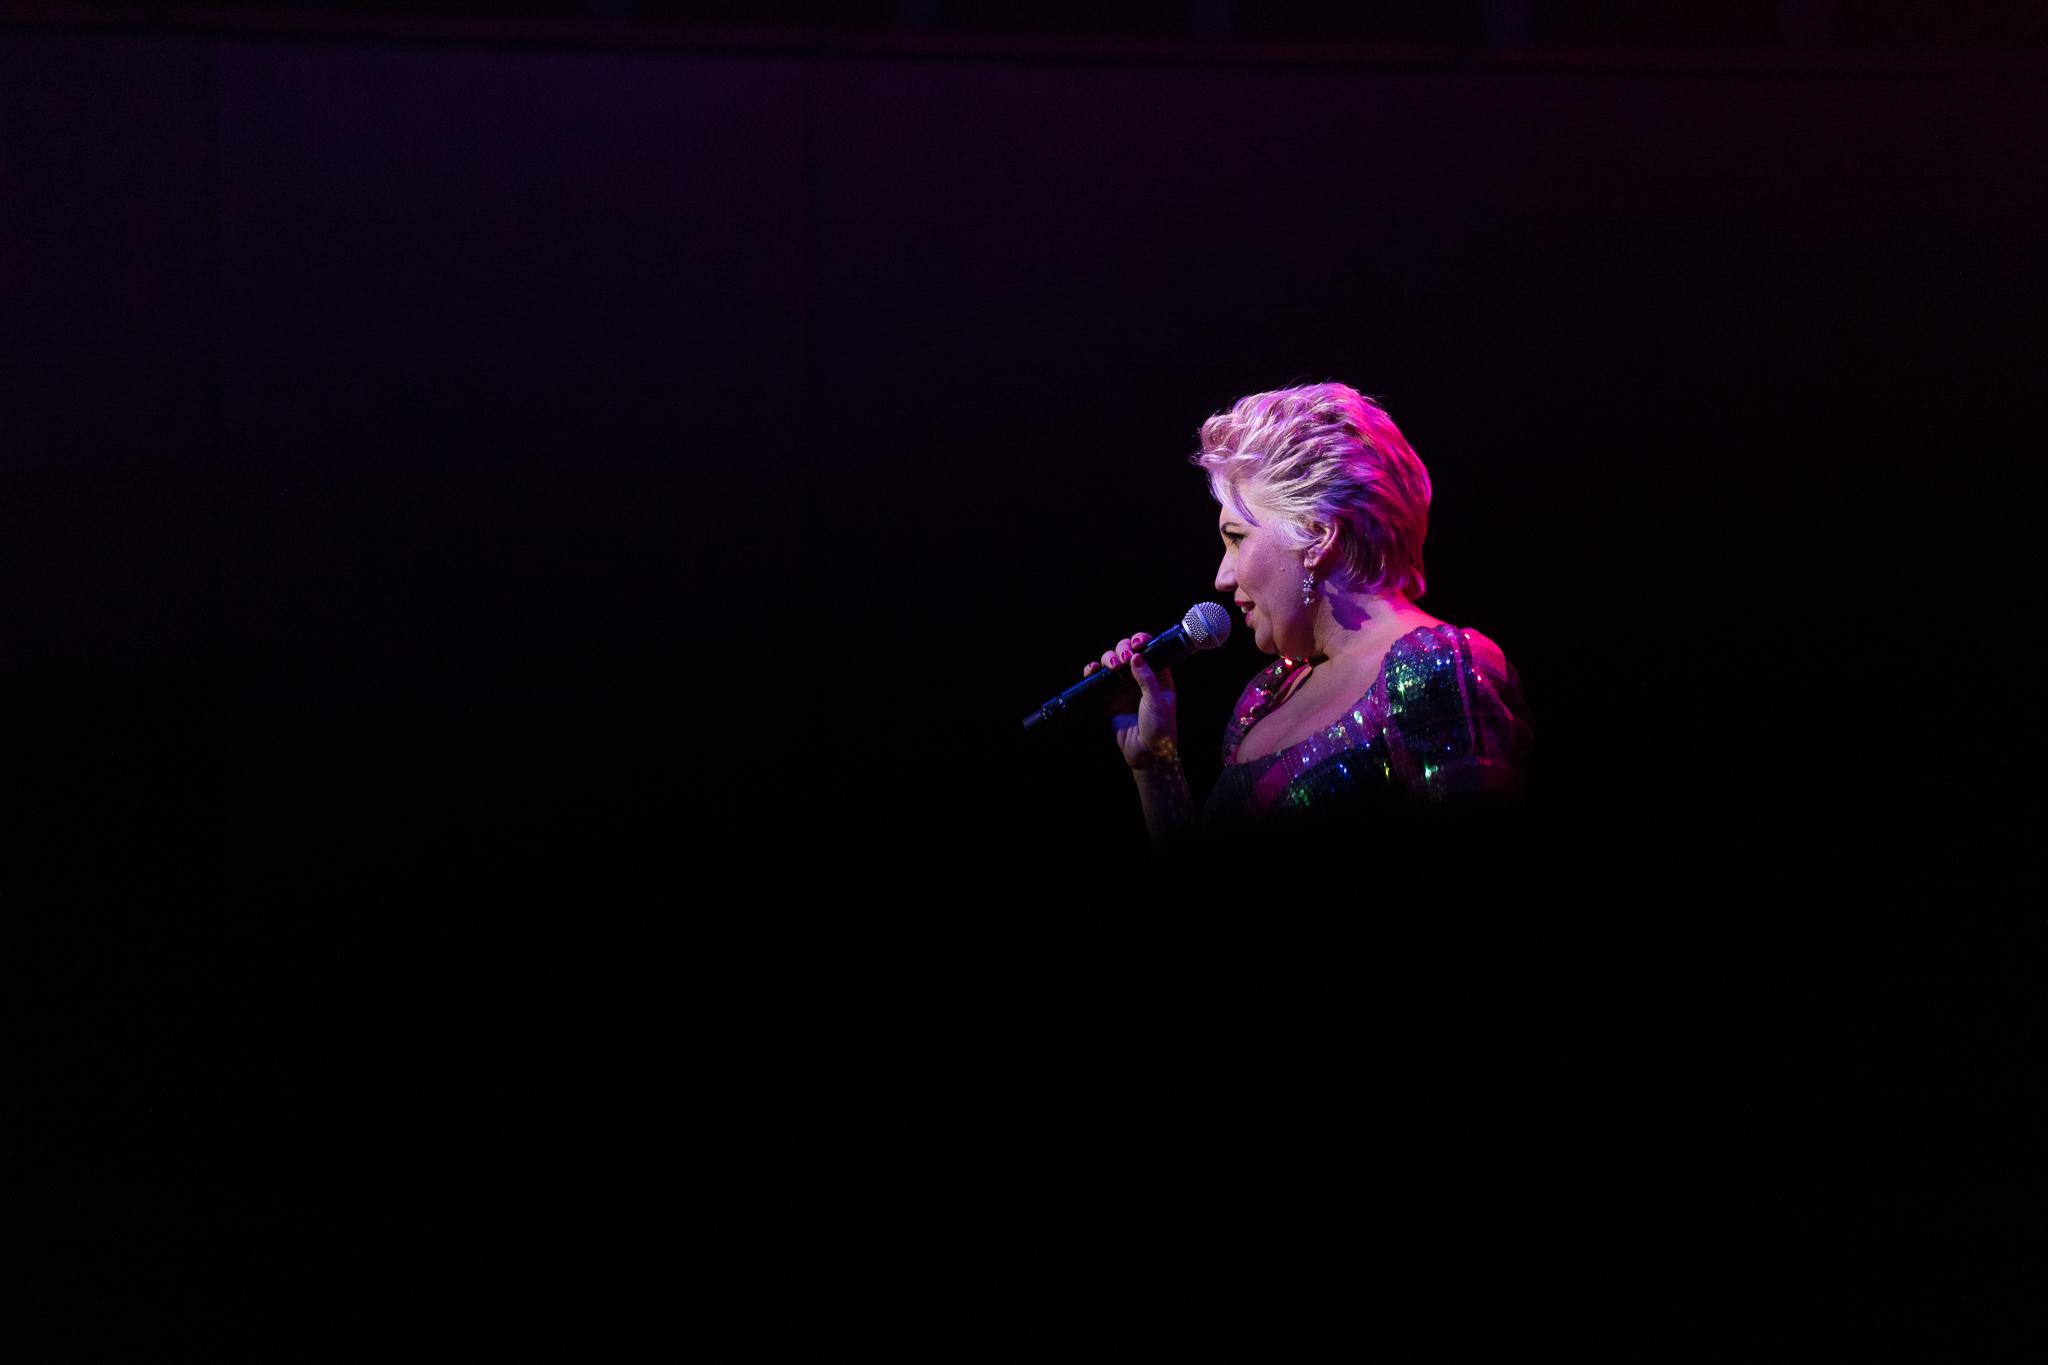 Spotlight on Melinda Schneider as she sings